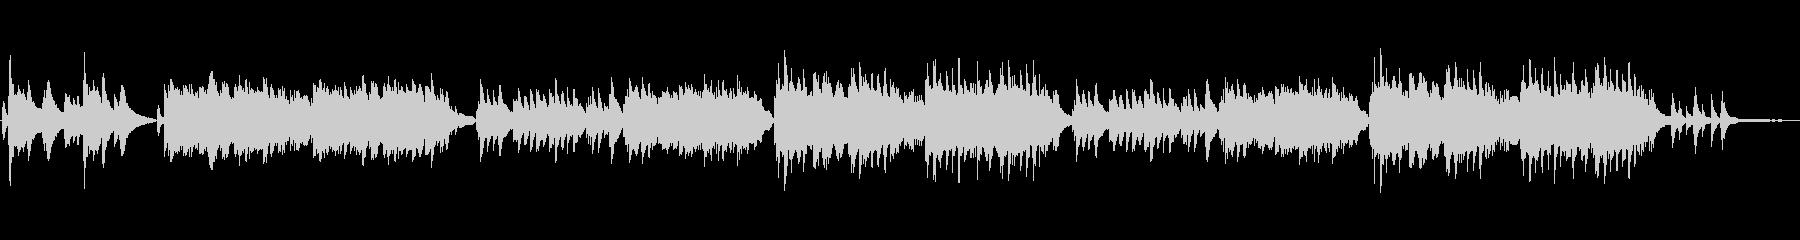 エモーショナルなピアノのBGMの未再生の波形